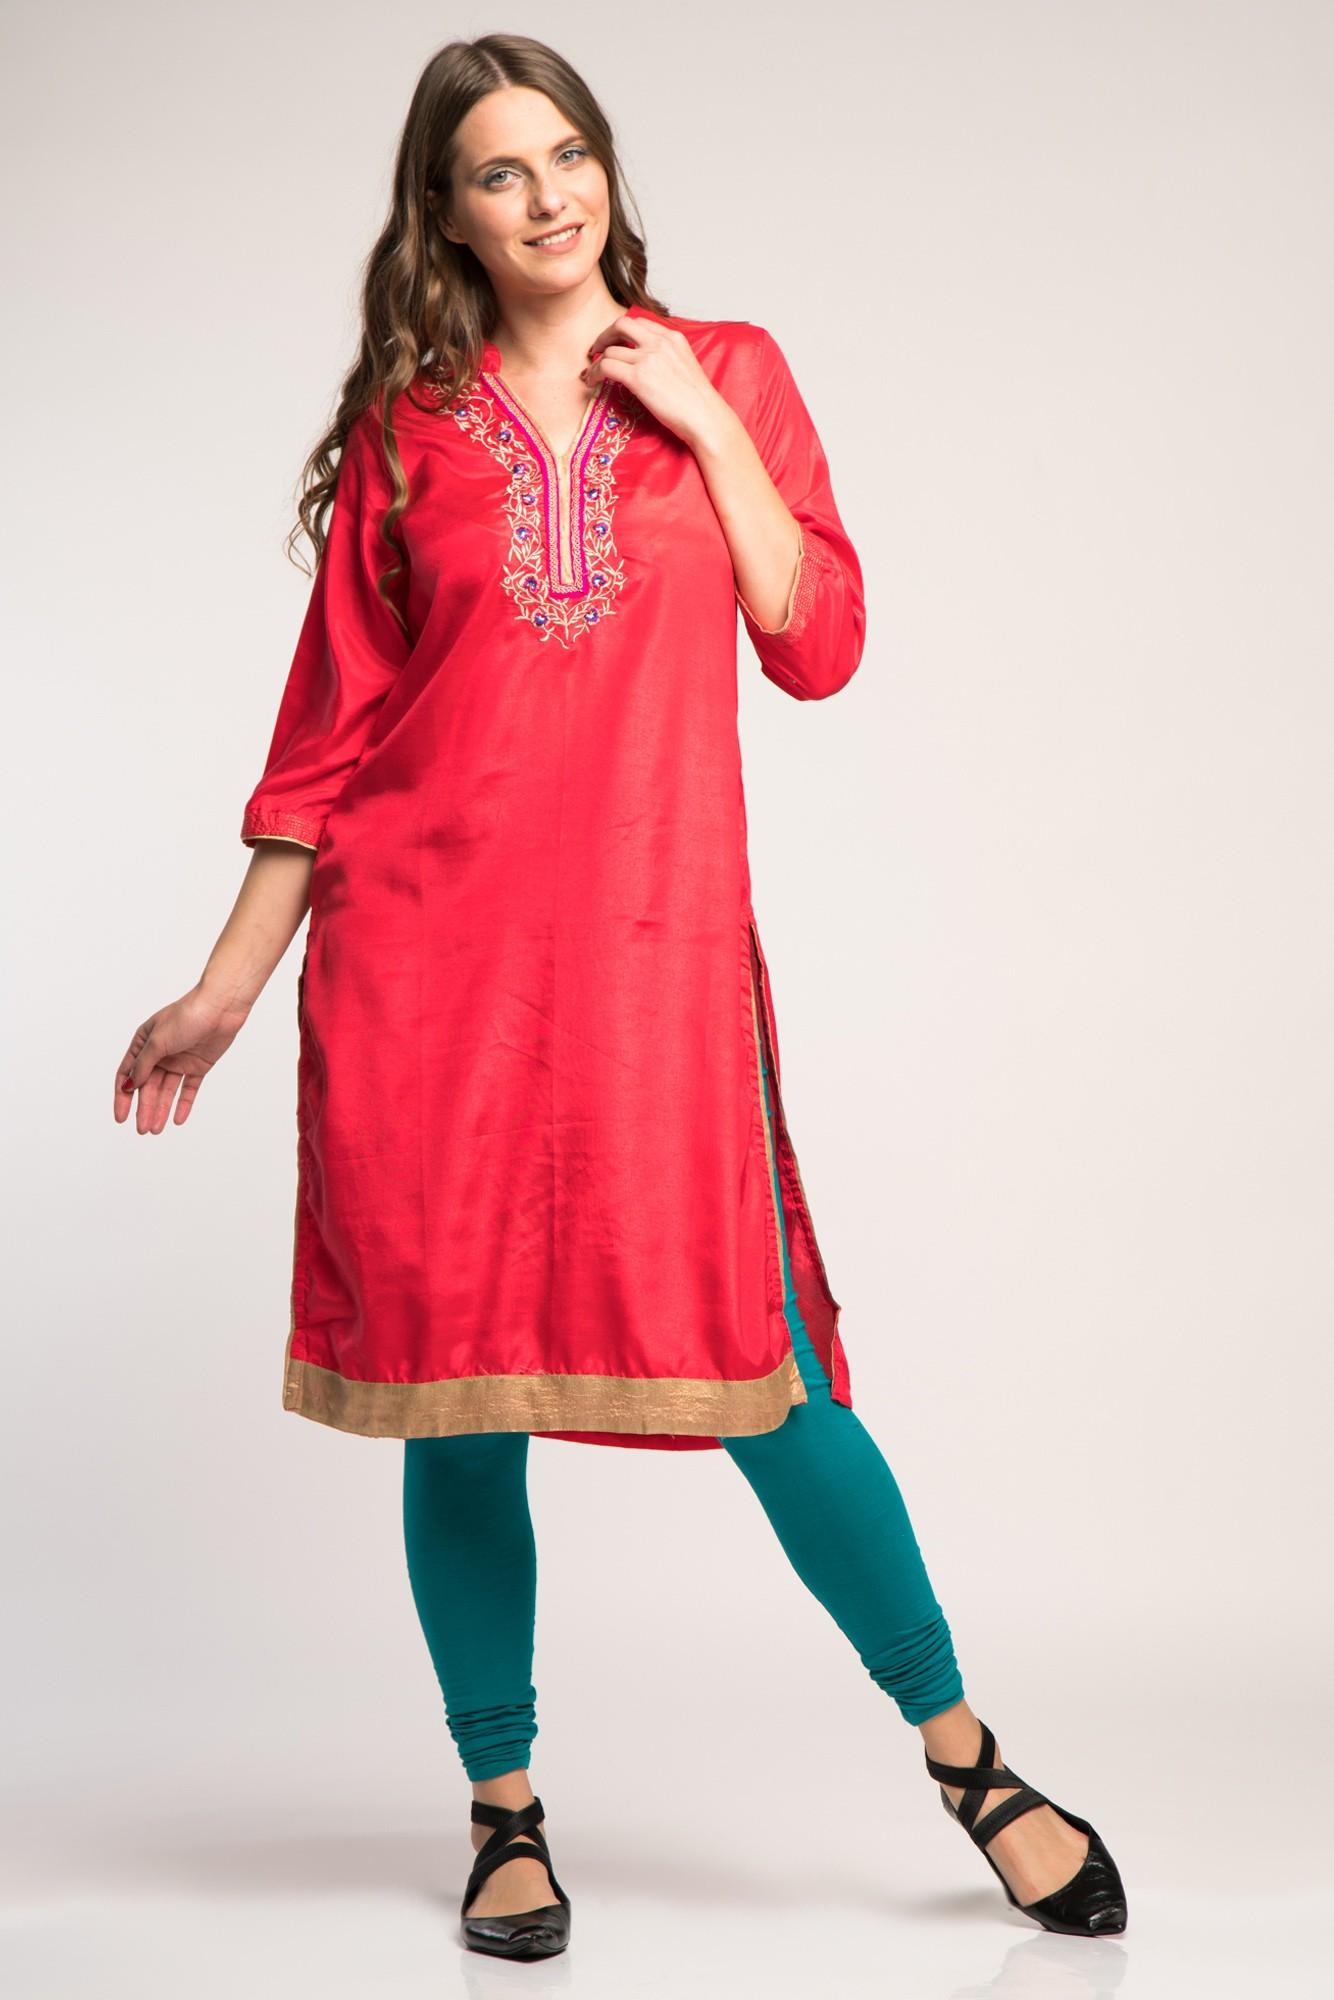 Costum traditional indian turcoaz/rosu cu broderie aurie